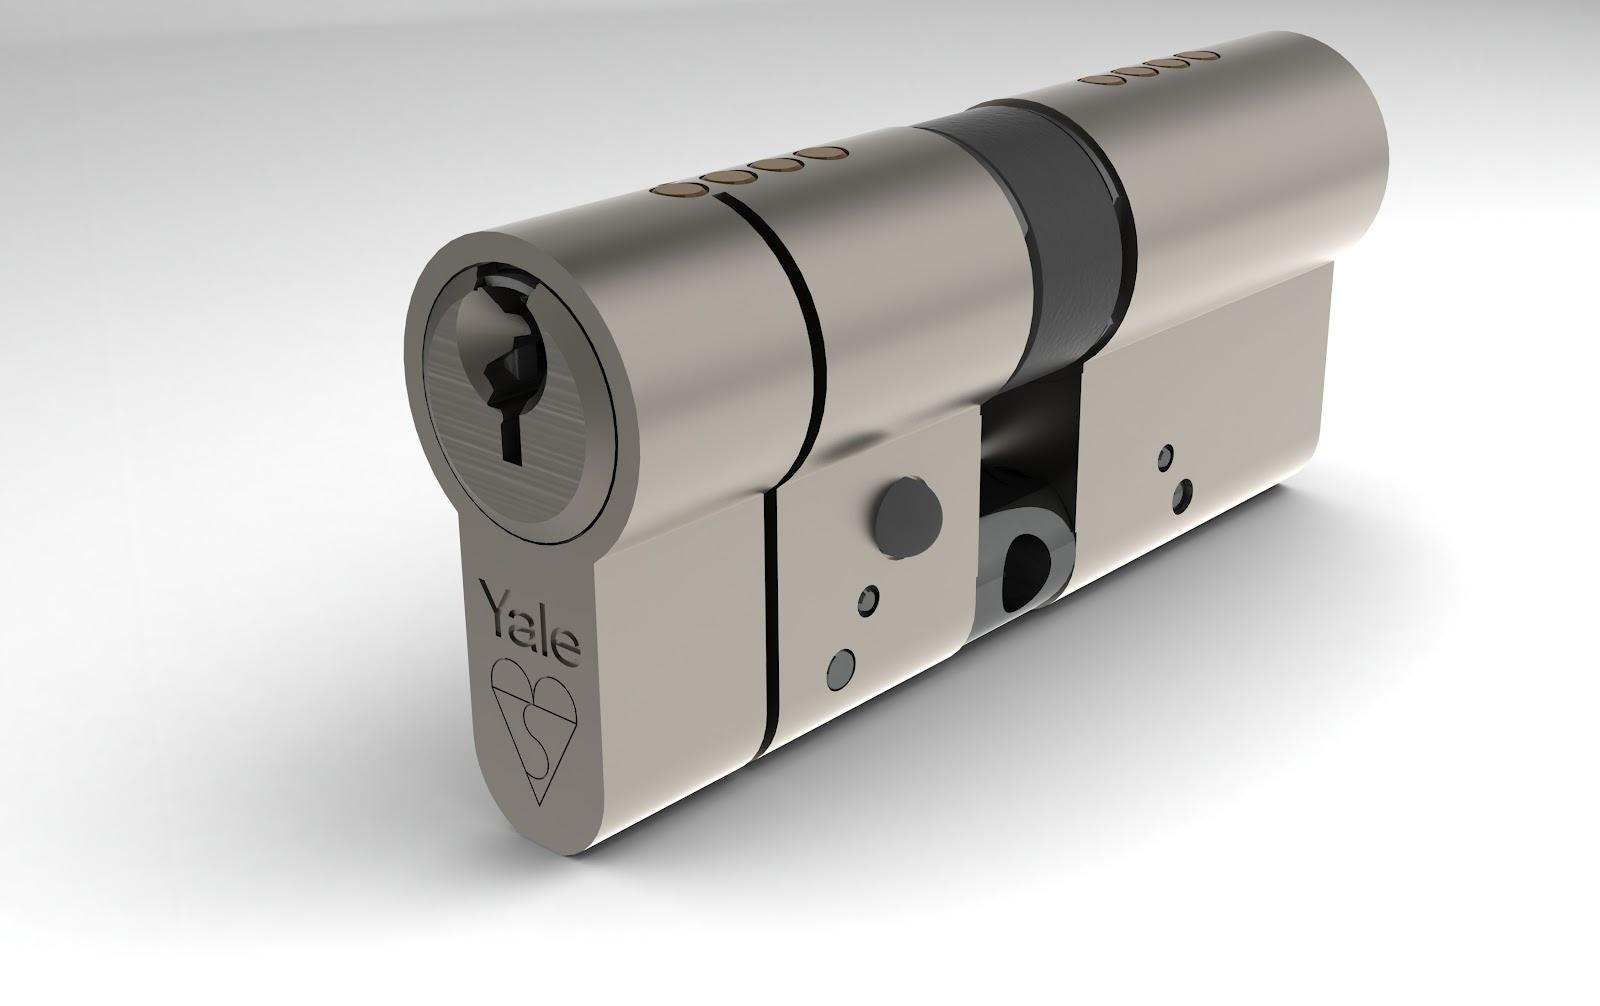 The door industry journal yale door window solutions for Door yale lock